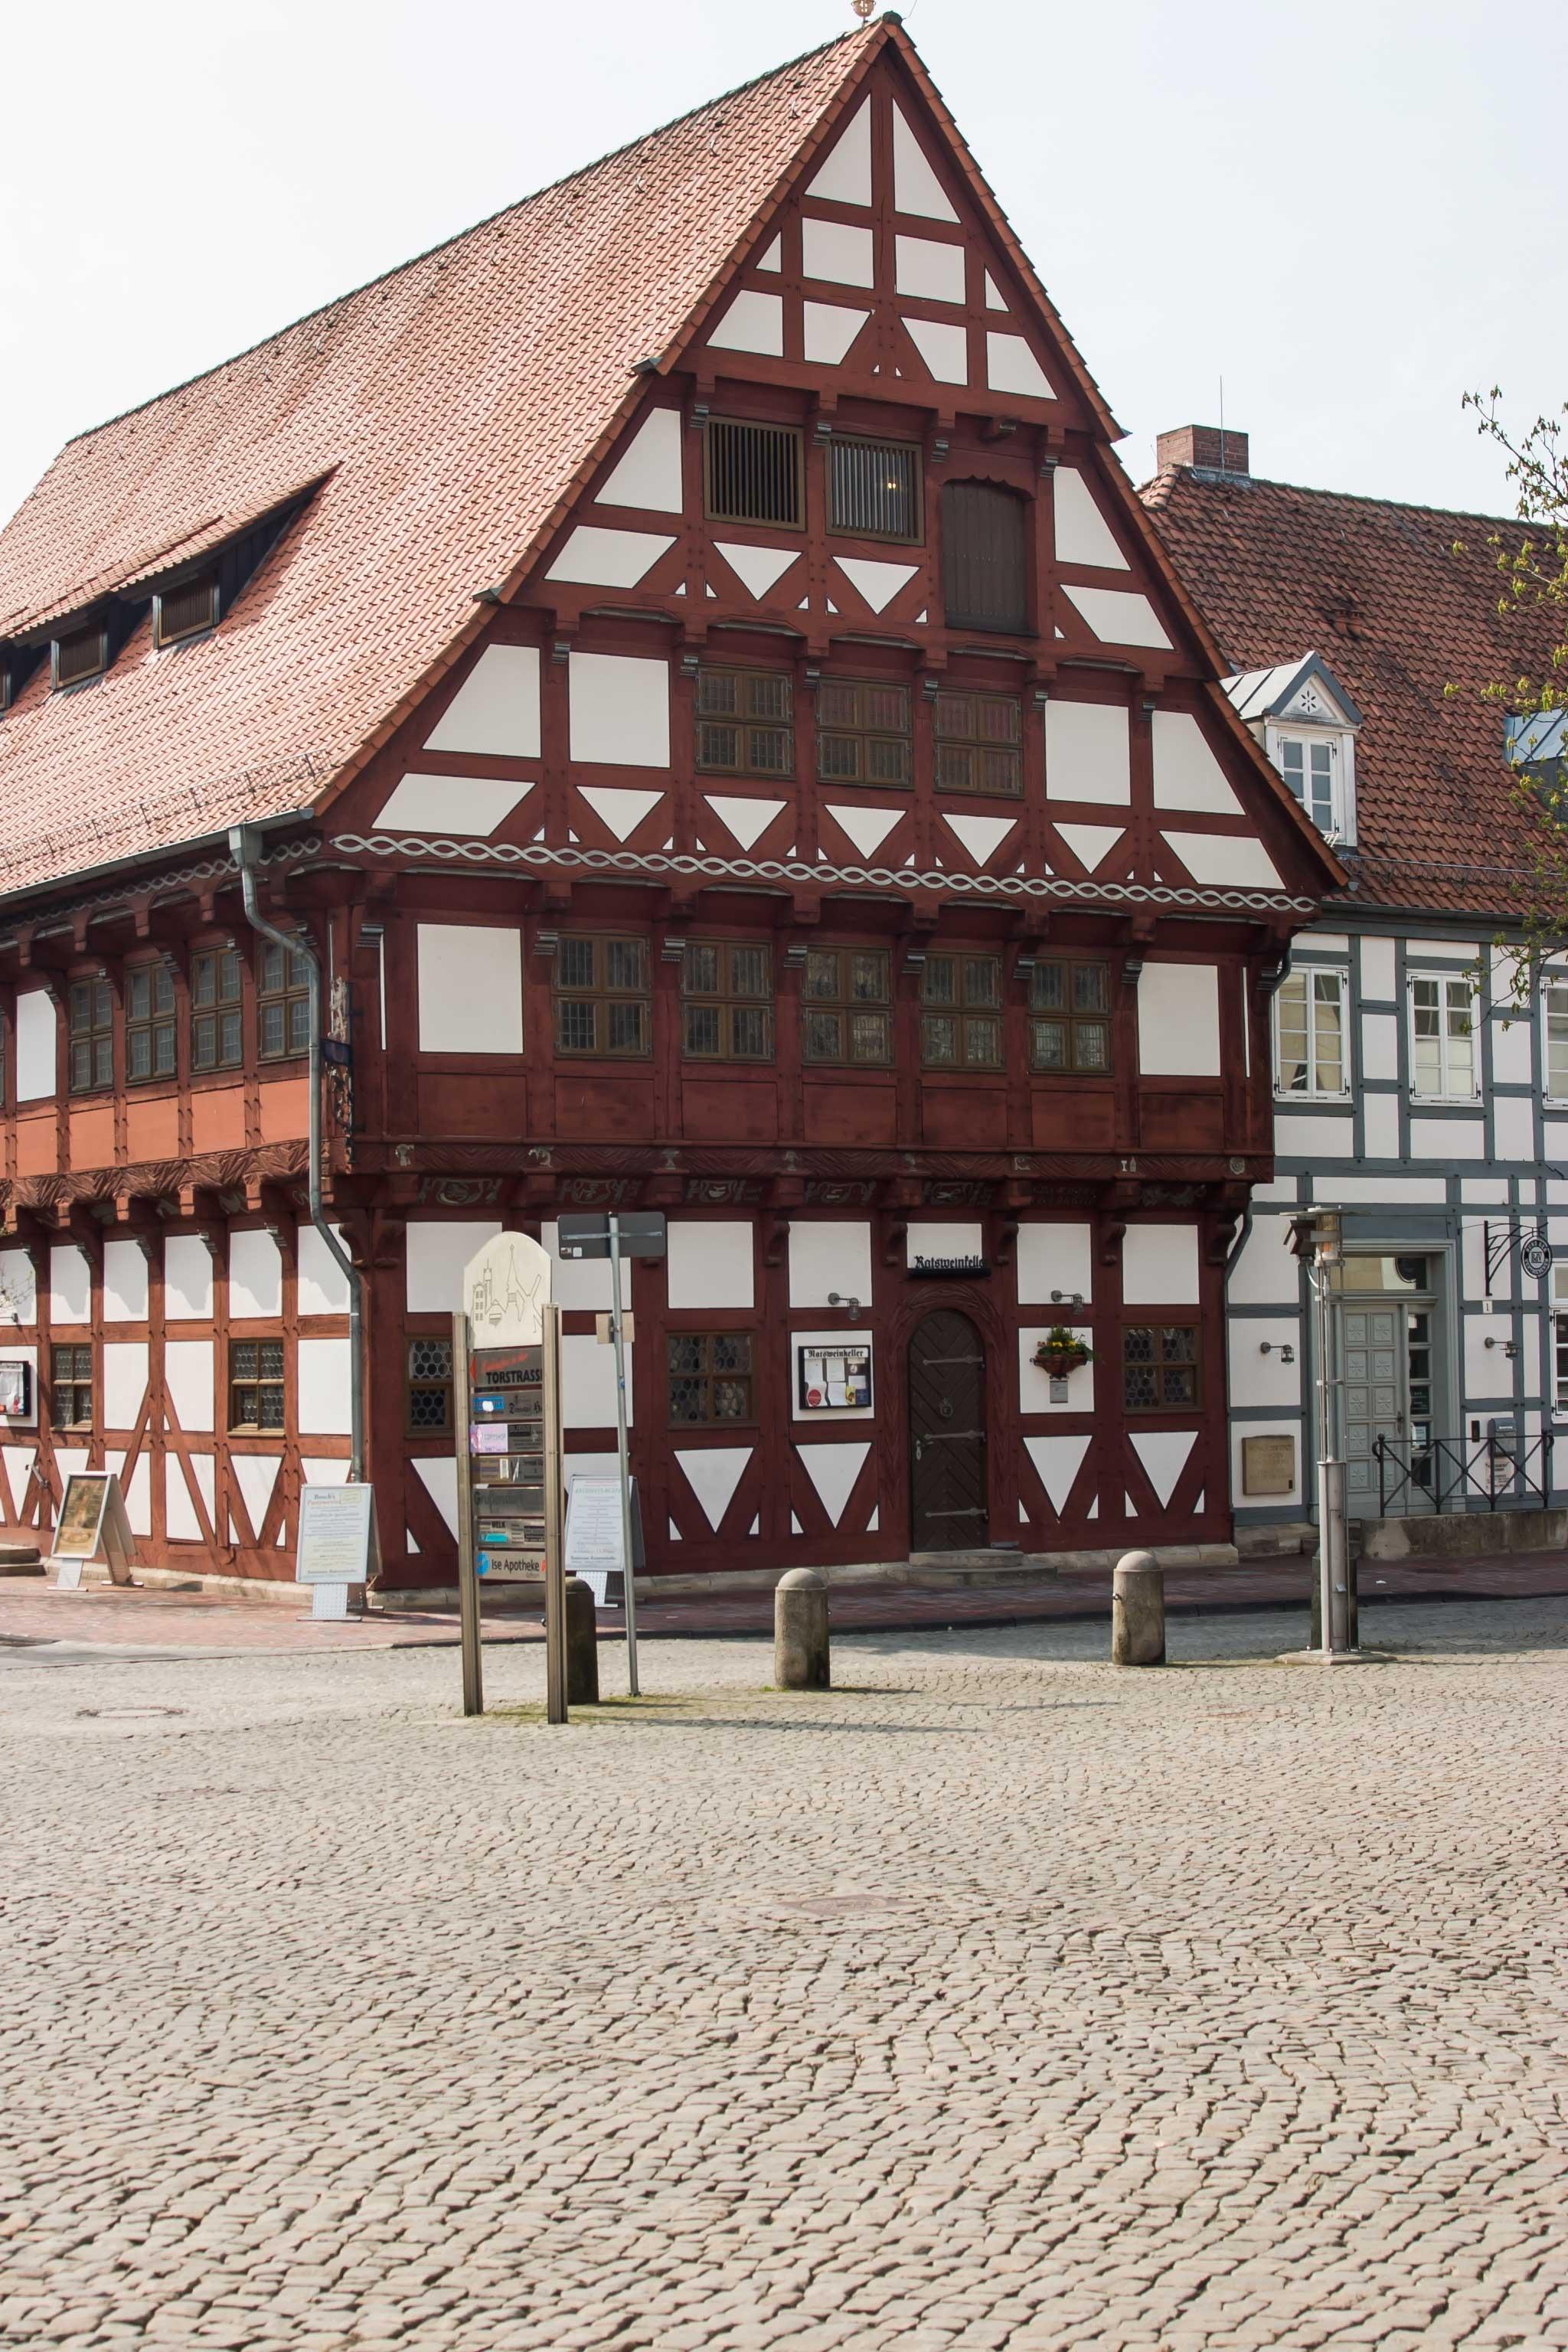 Fotos gratis : arquitectura, casa, ventana, techo, edificio, antiguo ...